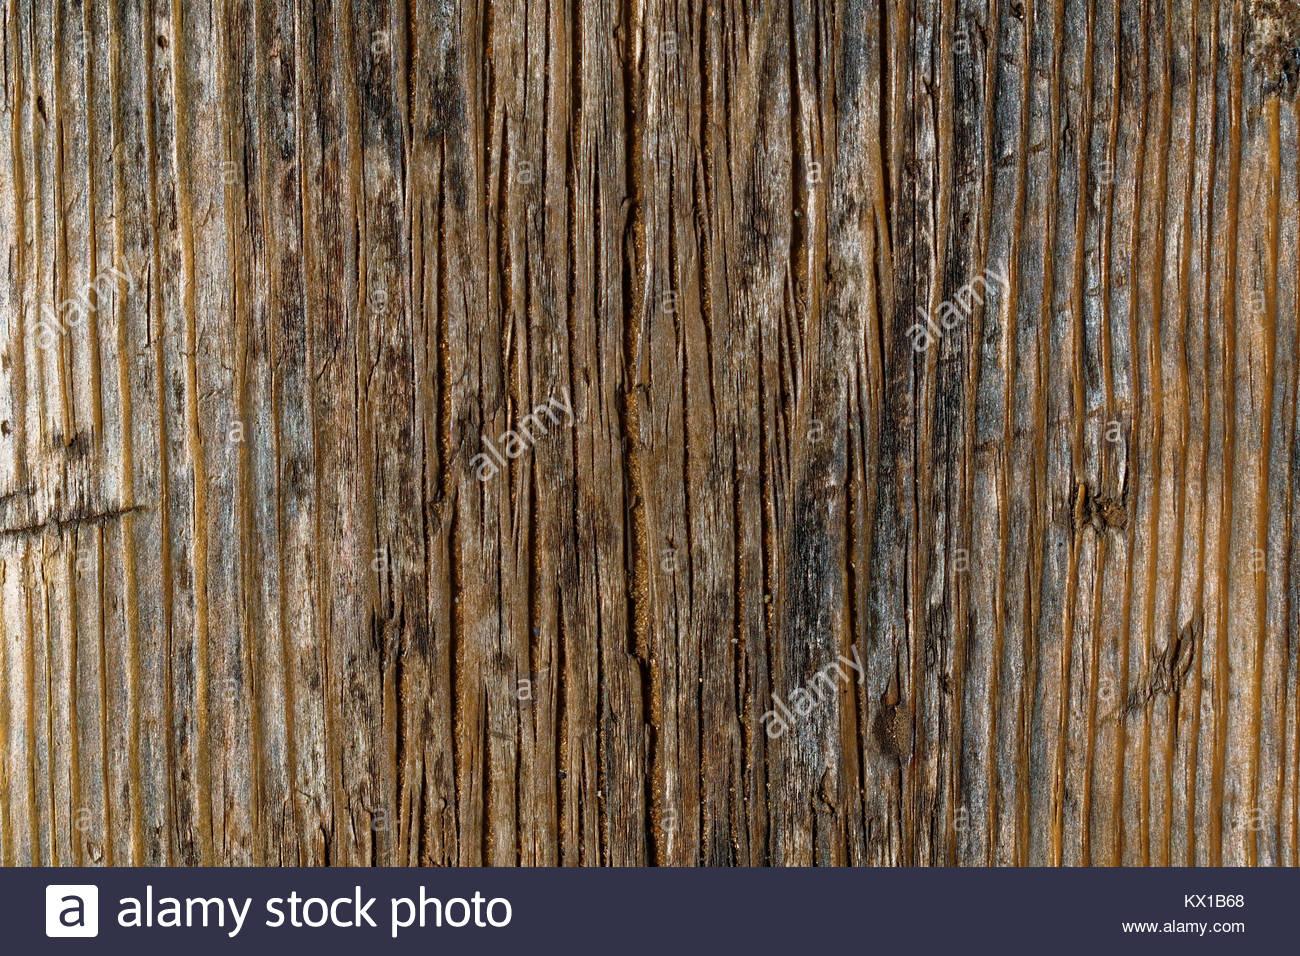 Legno Bianco E Nero : In legno marrone con bordo bianco e nero texture macchie di foto